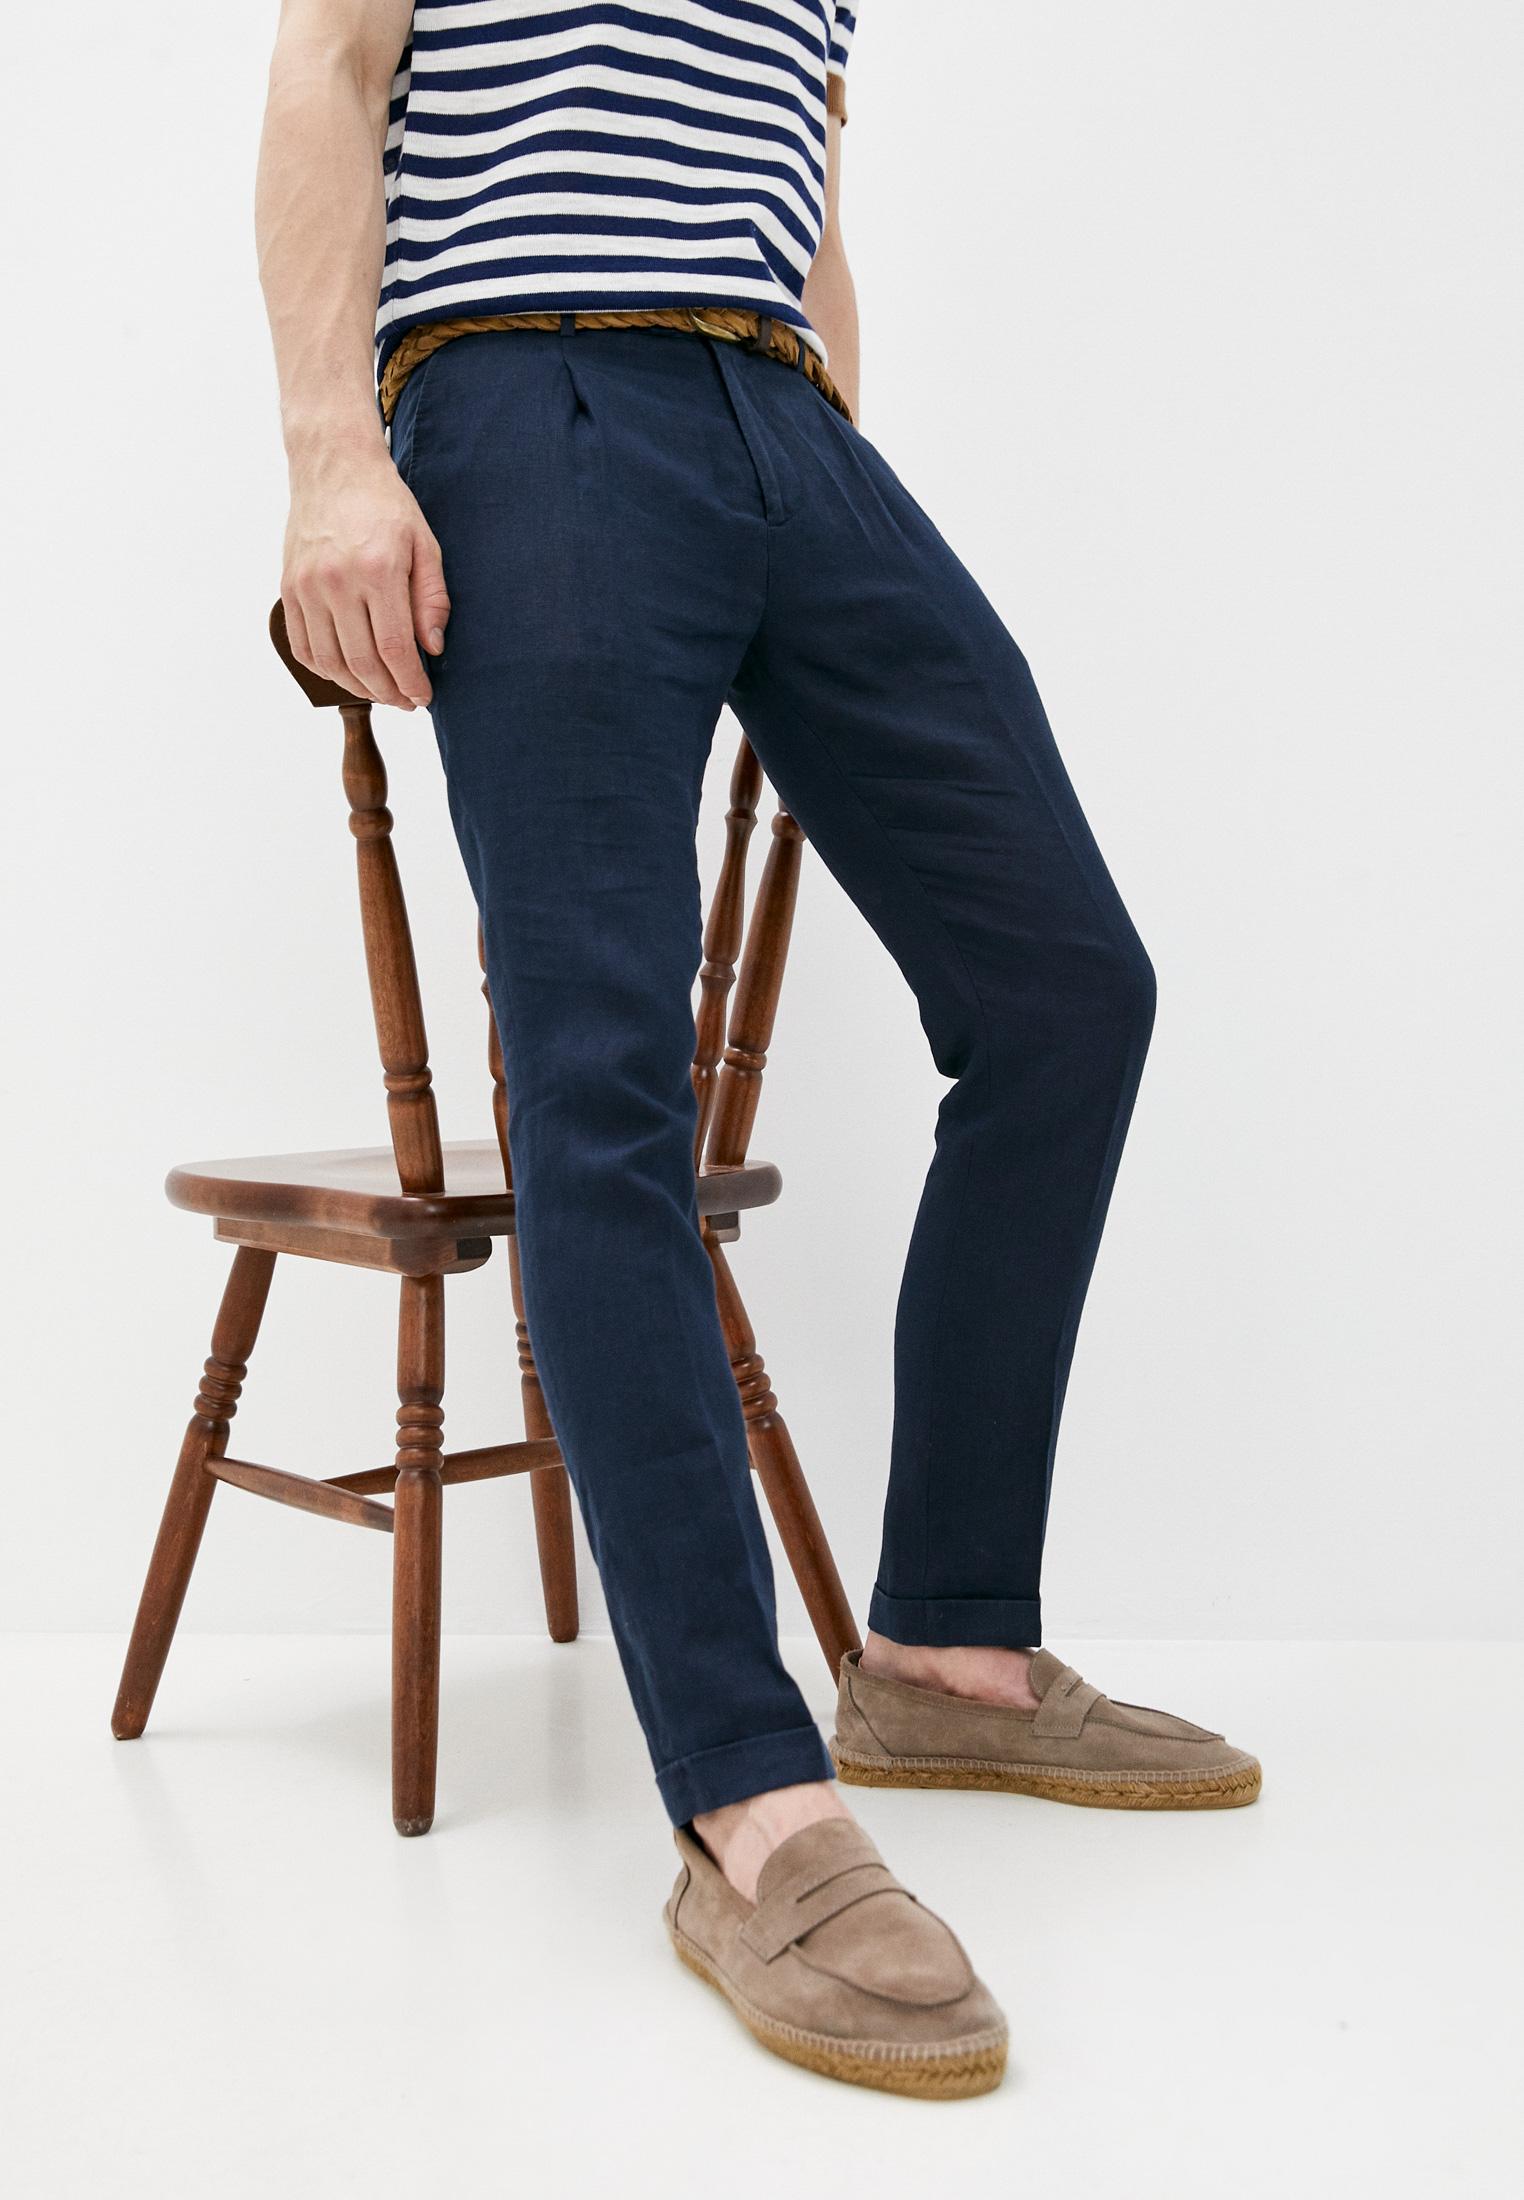 Мужские повседневные брюки Manuel Ritz Брюки Manuel Ritz